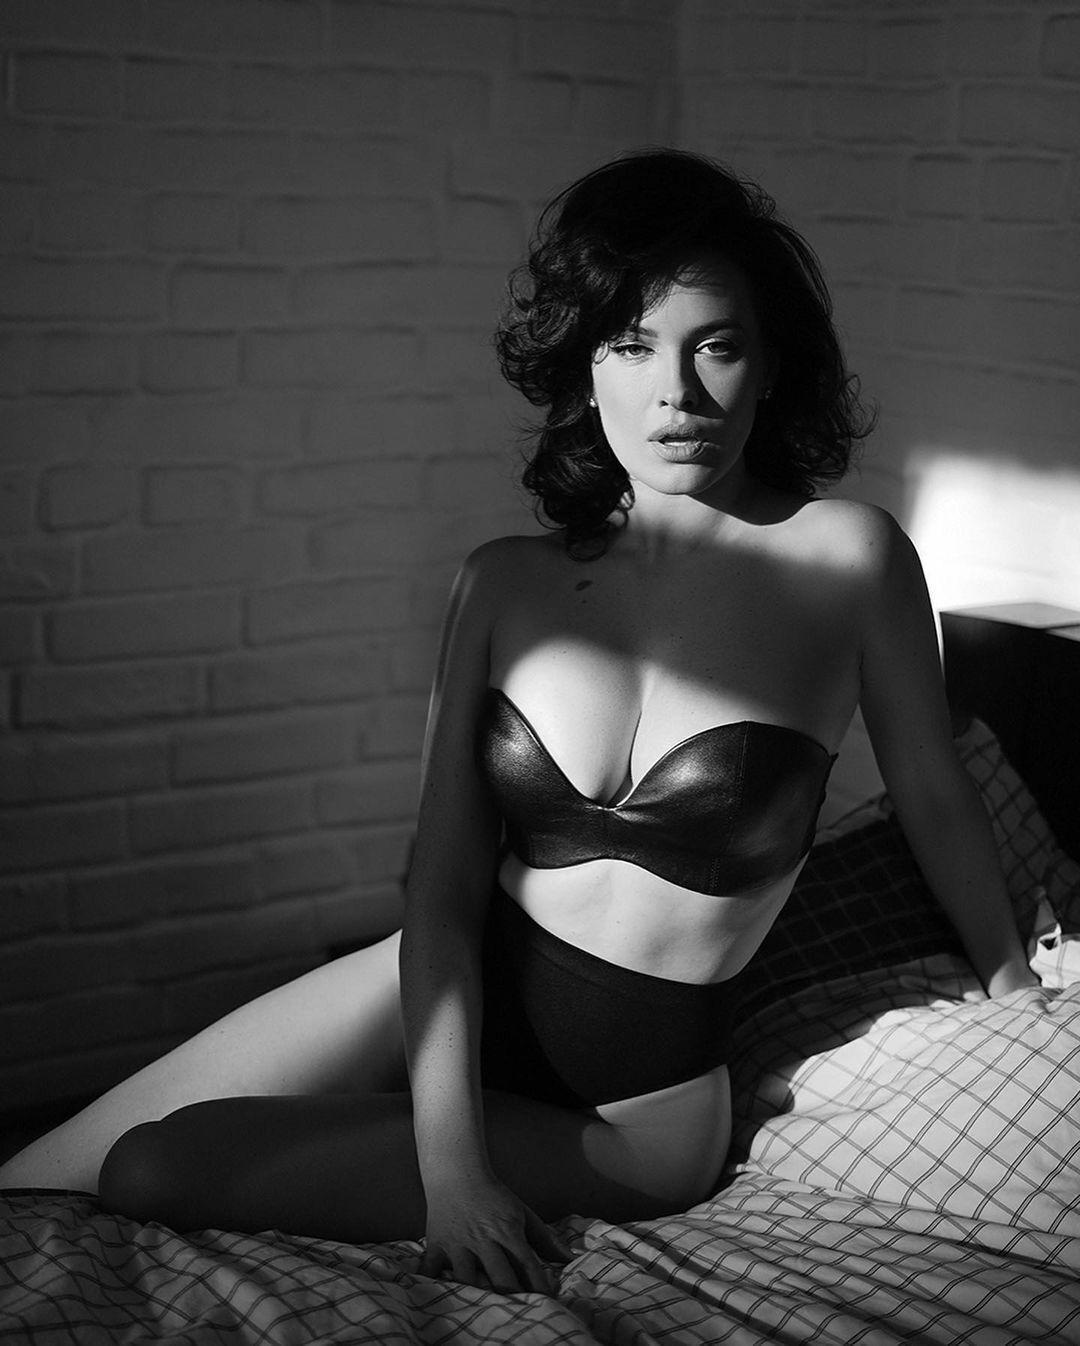 Даша Астаф'єва сексуально позує на камеру